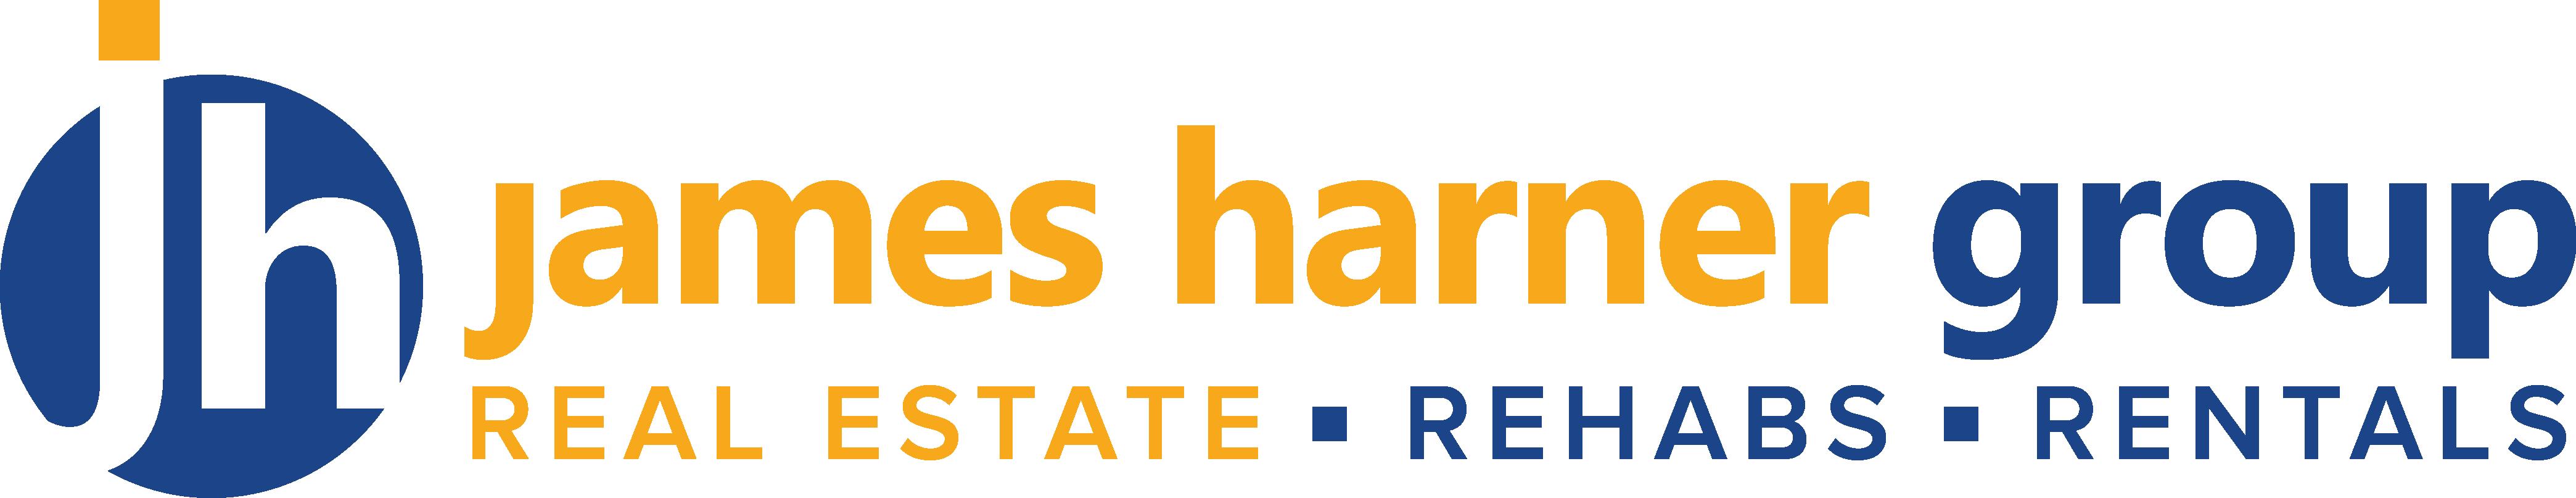 James Harner Group